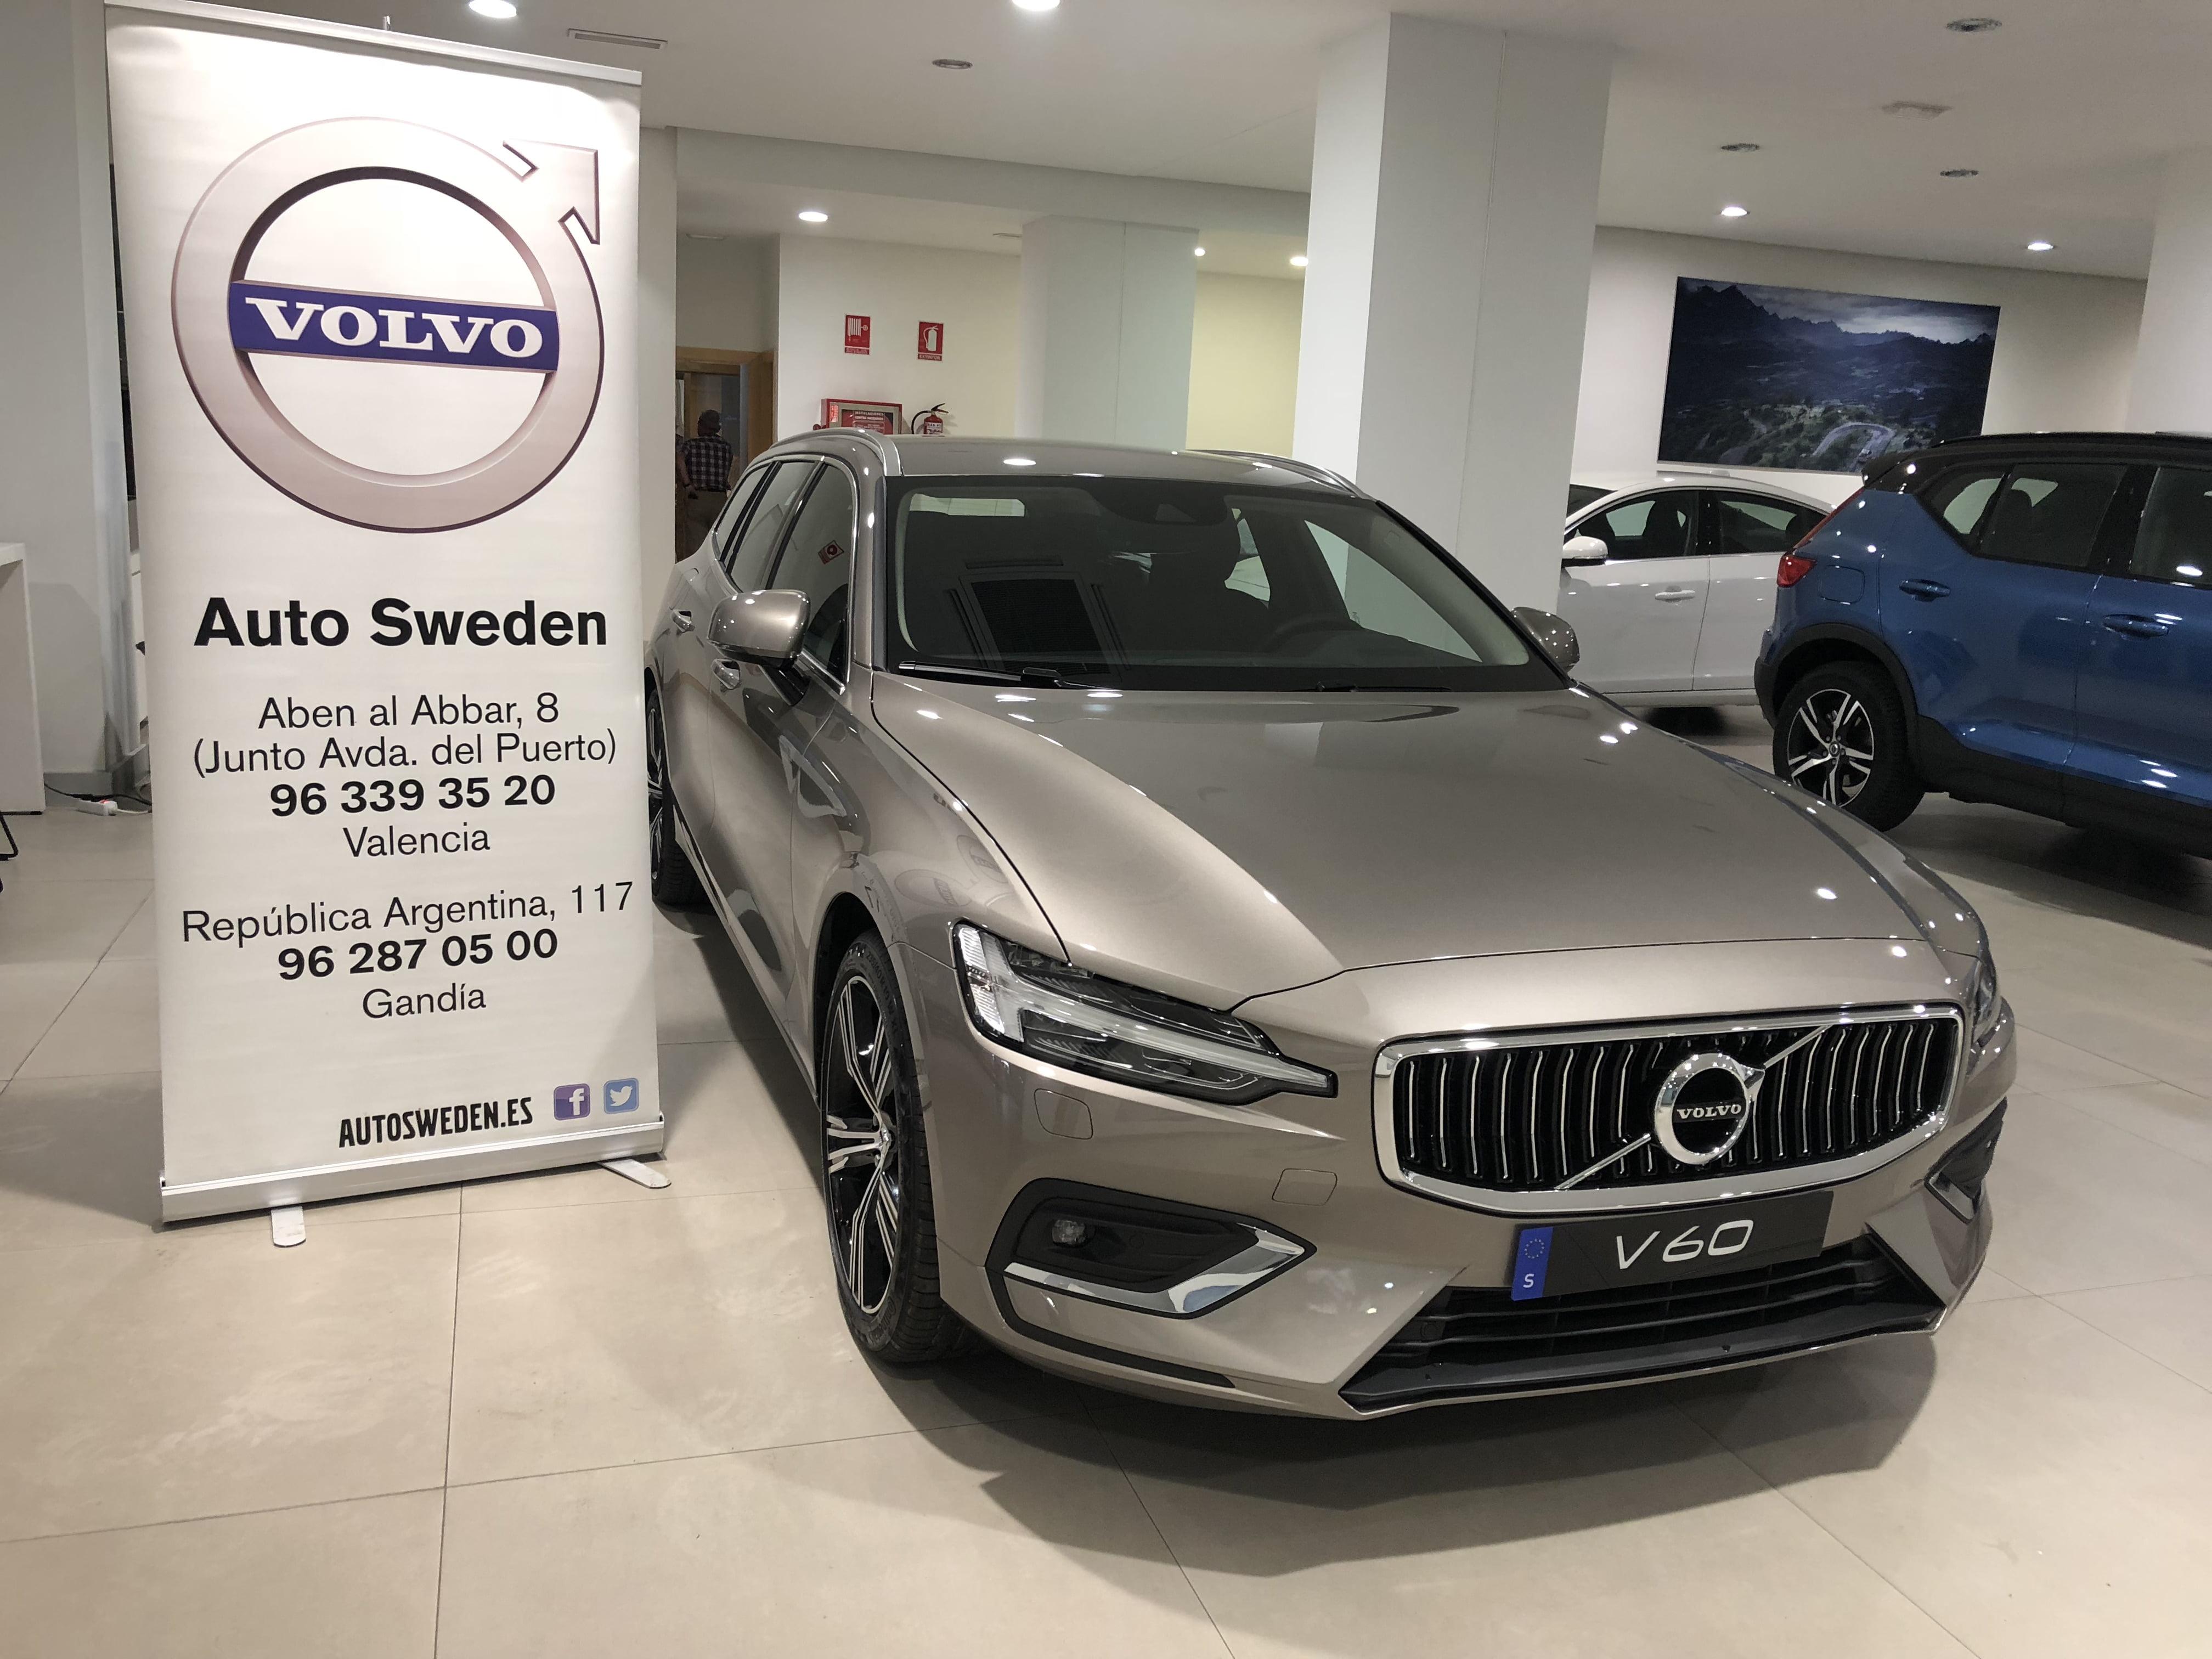 El nuevo Volvo V60 ya en Auto Sweden en Valencia y Gandía